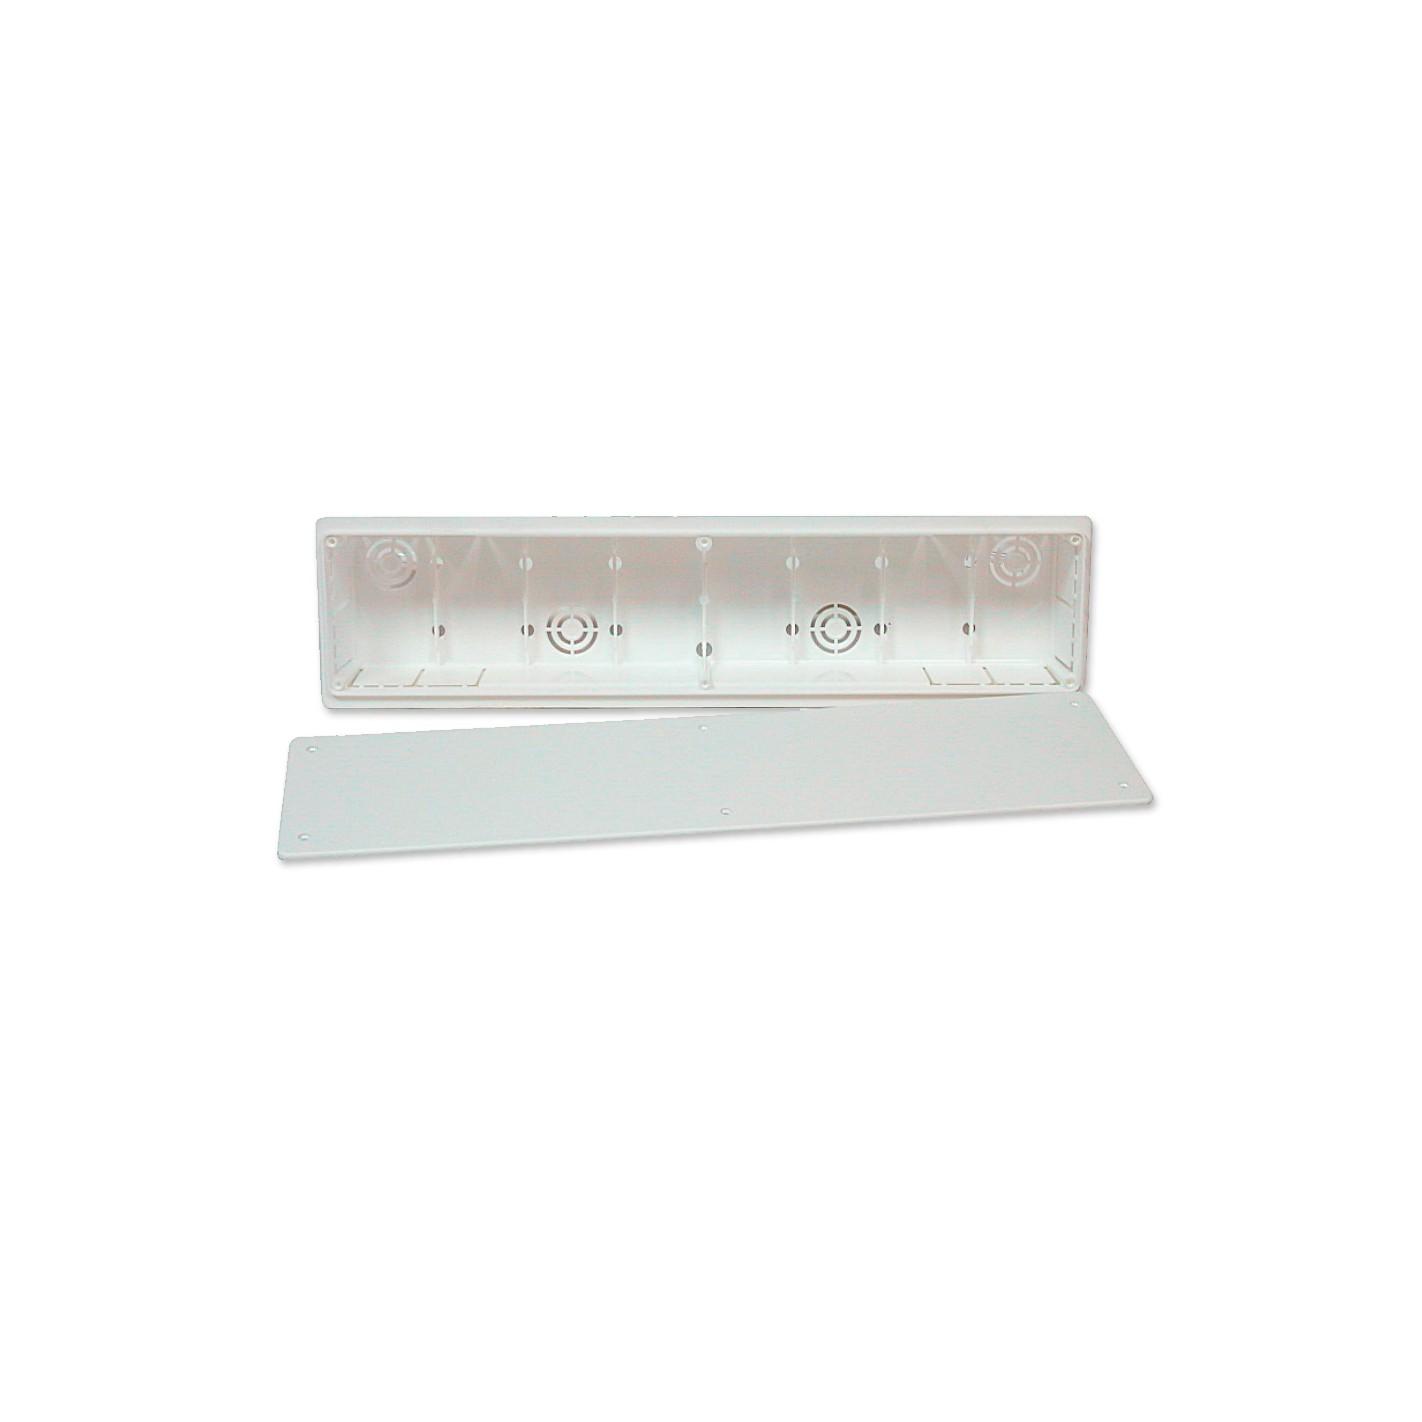 Caja de preinstalaci n de aire acondicionado sin desag e for Caja aire acondicionado